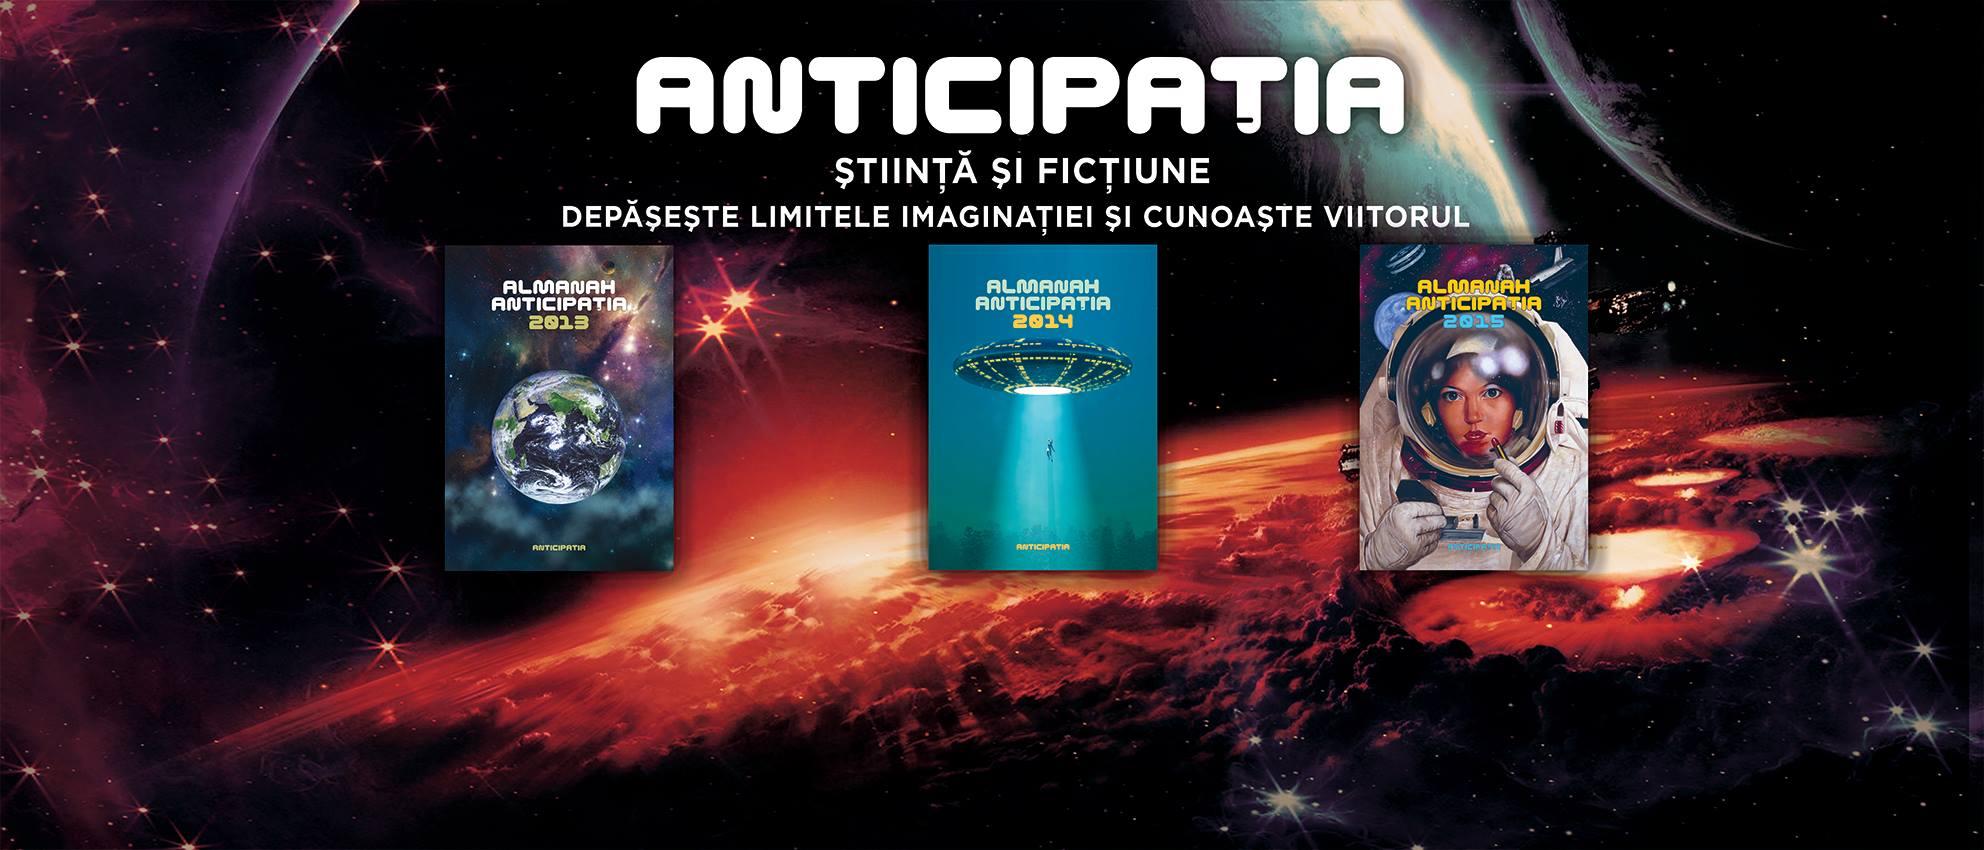 Păşiţi în lumile Anticipaţia şi Mistica la standurile noi de la Gaudeamus 2014!